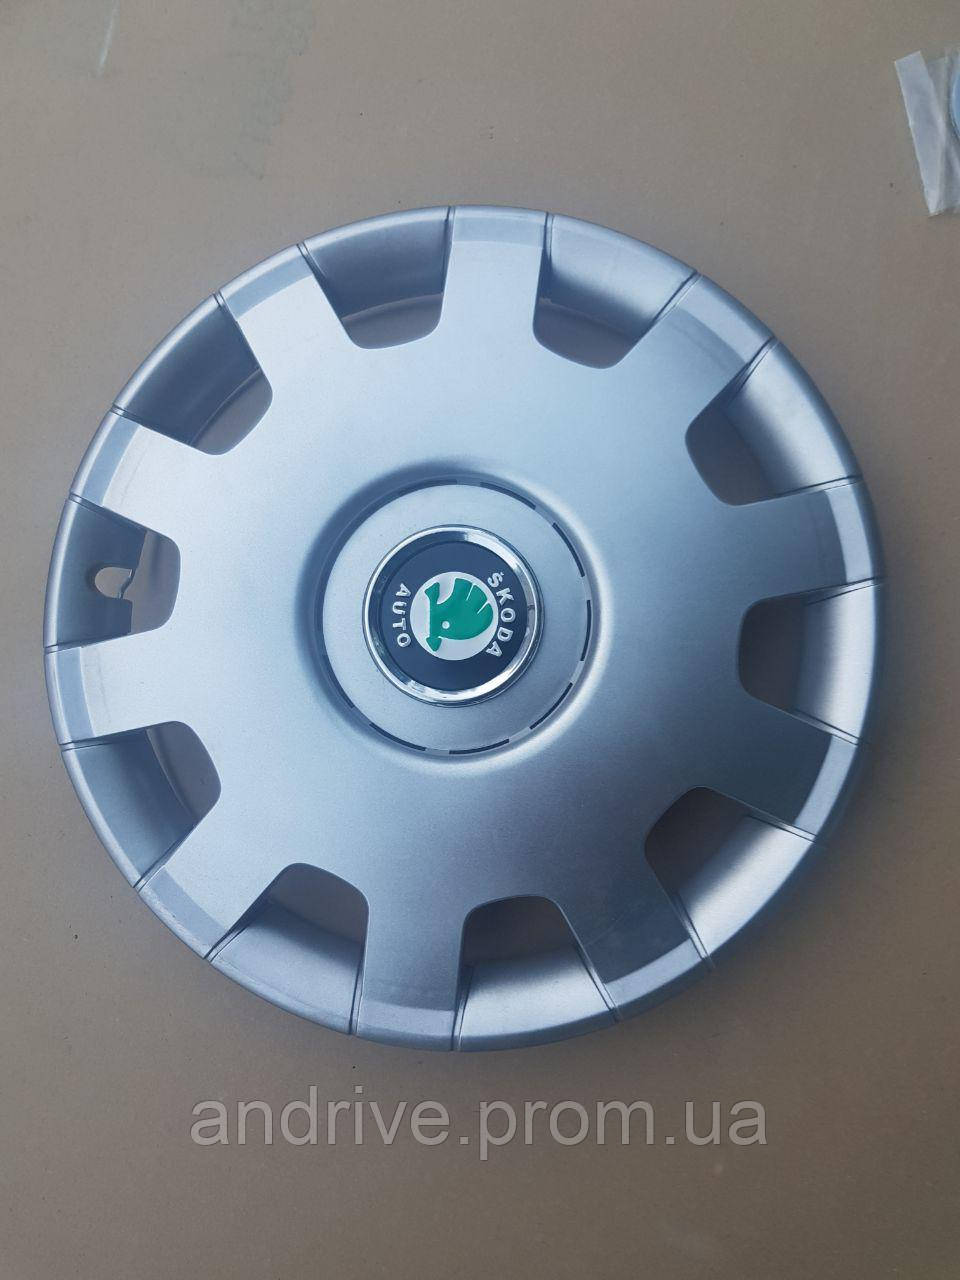 Колпаки на колеса R14 SKODA полный комплект SJS (Турция)